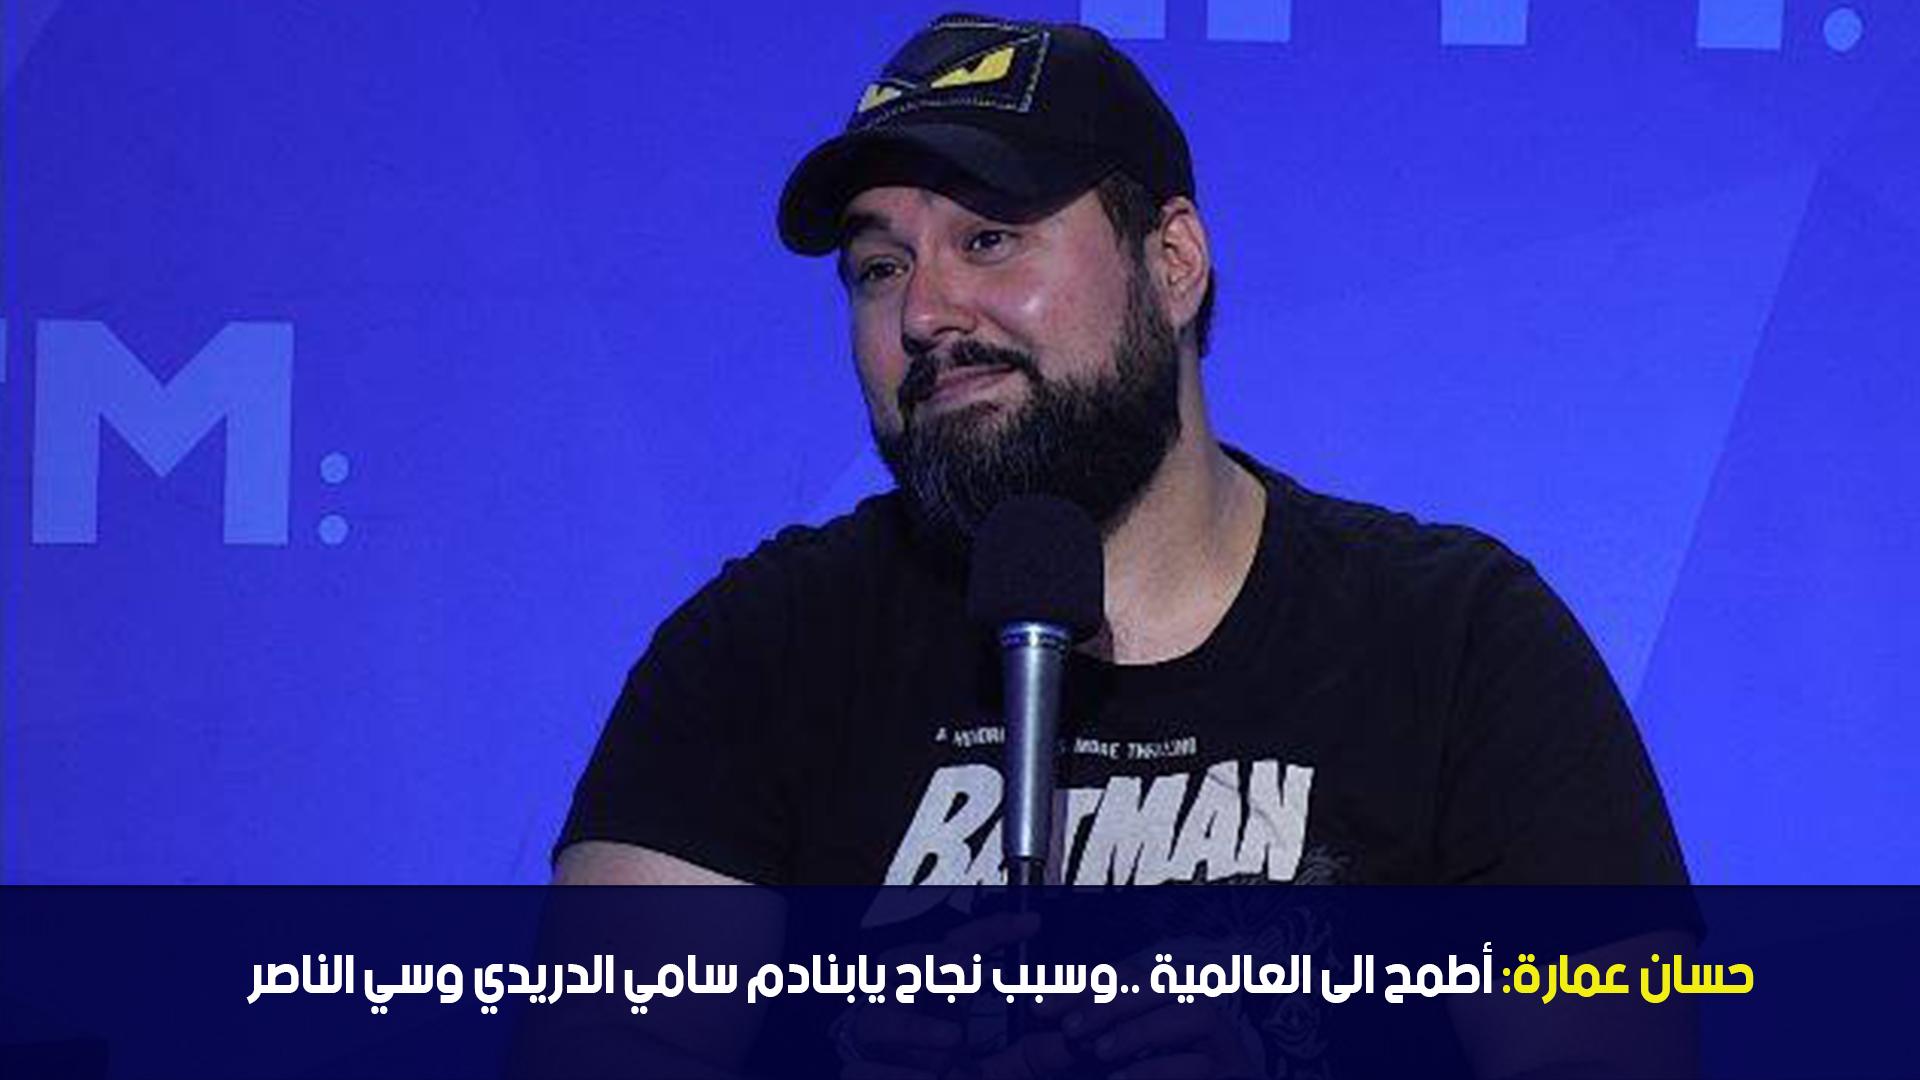 حسان عمارة: أطمح الى العالمية ..وسبب نجاح يابنادم سامي الدريدي وسي الناصر